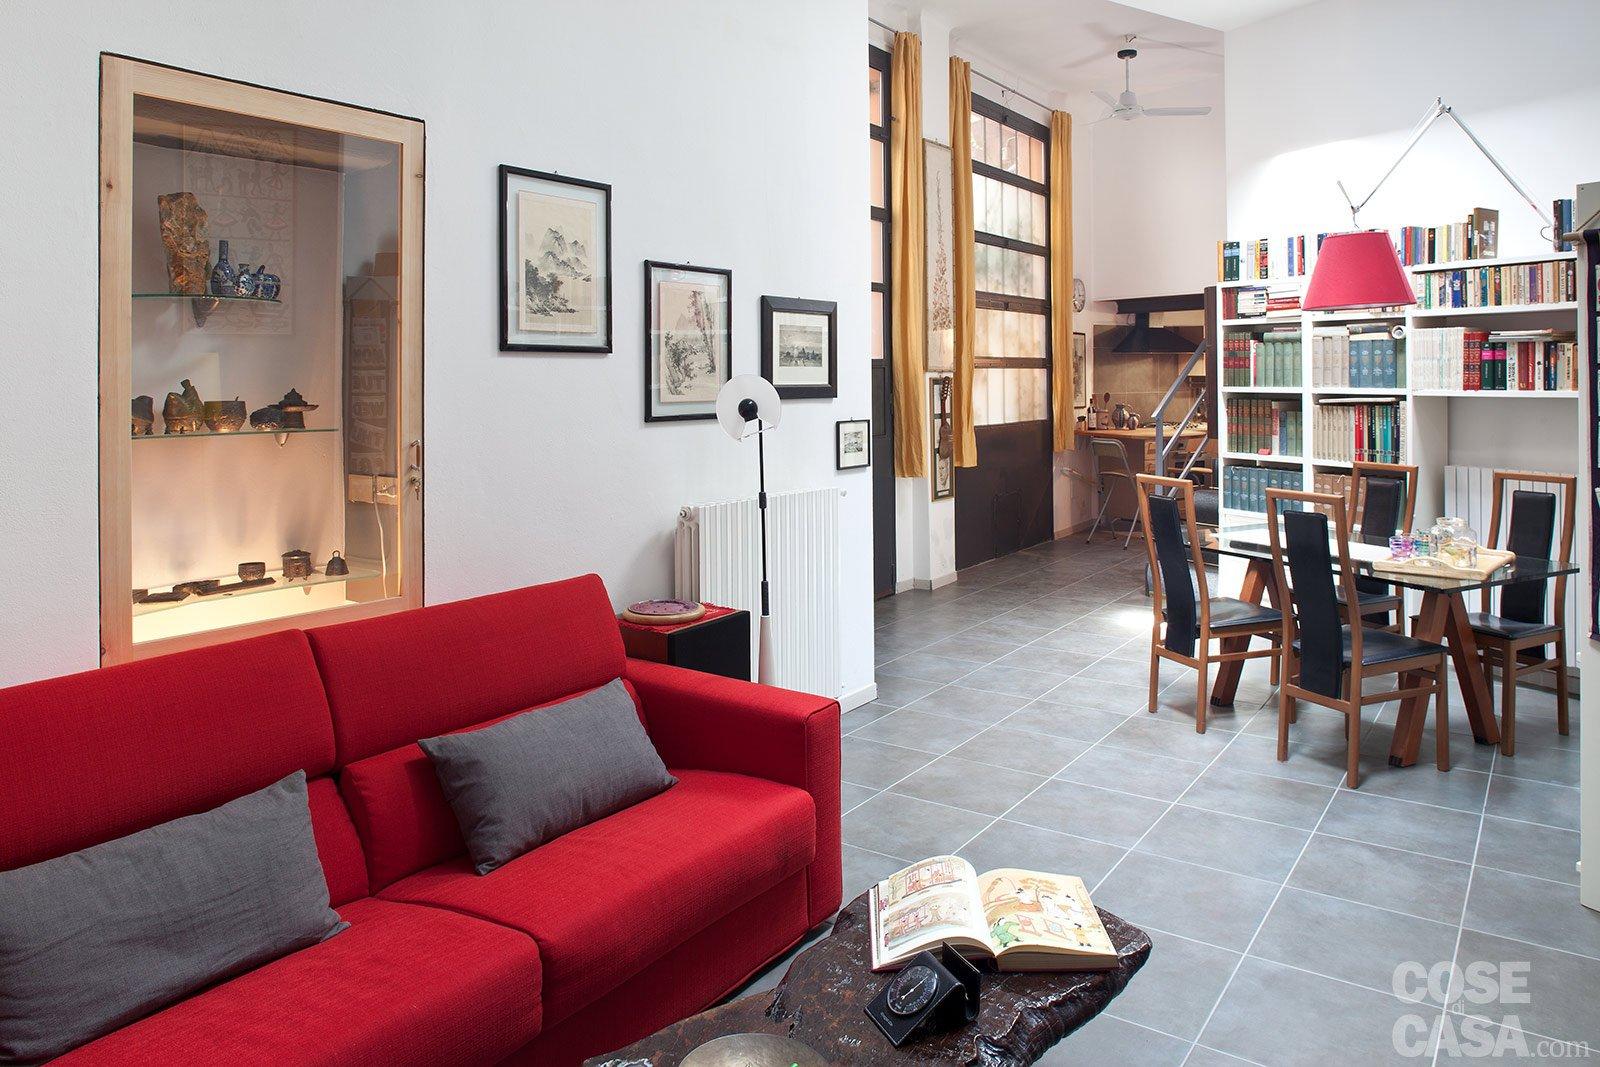 Casabook immobiliare loft una casa rinnovata con tante idee for Progetto di casa loft